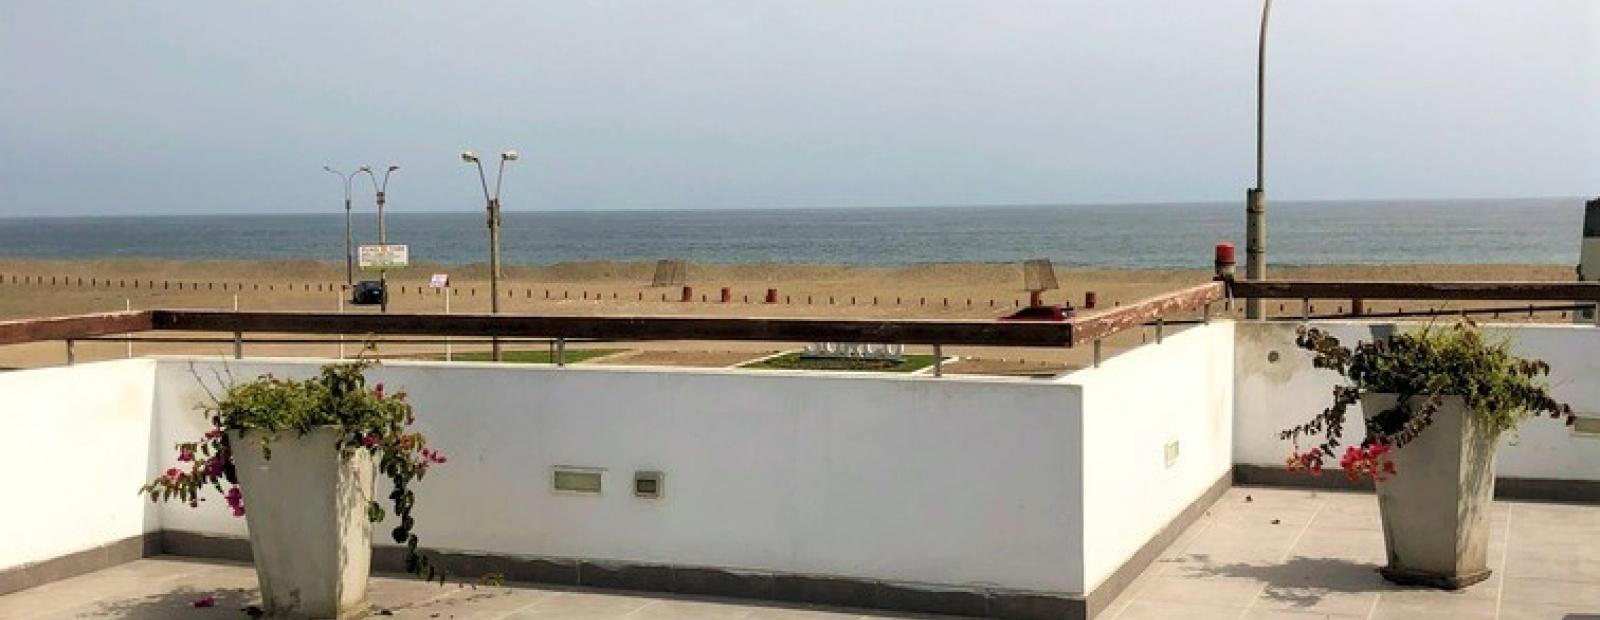 Alameda Poeta de La Rivera, Chorrillos, 3 Habitaciones Habitaciones,2 BañoBaño,Casa,Alquiler/Venta,Alameda Poeta de La Rivera,c-1152